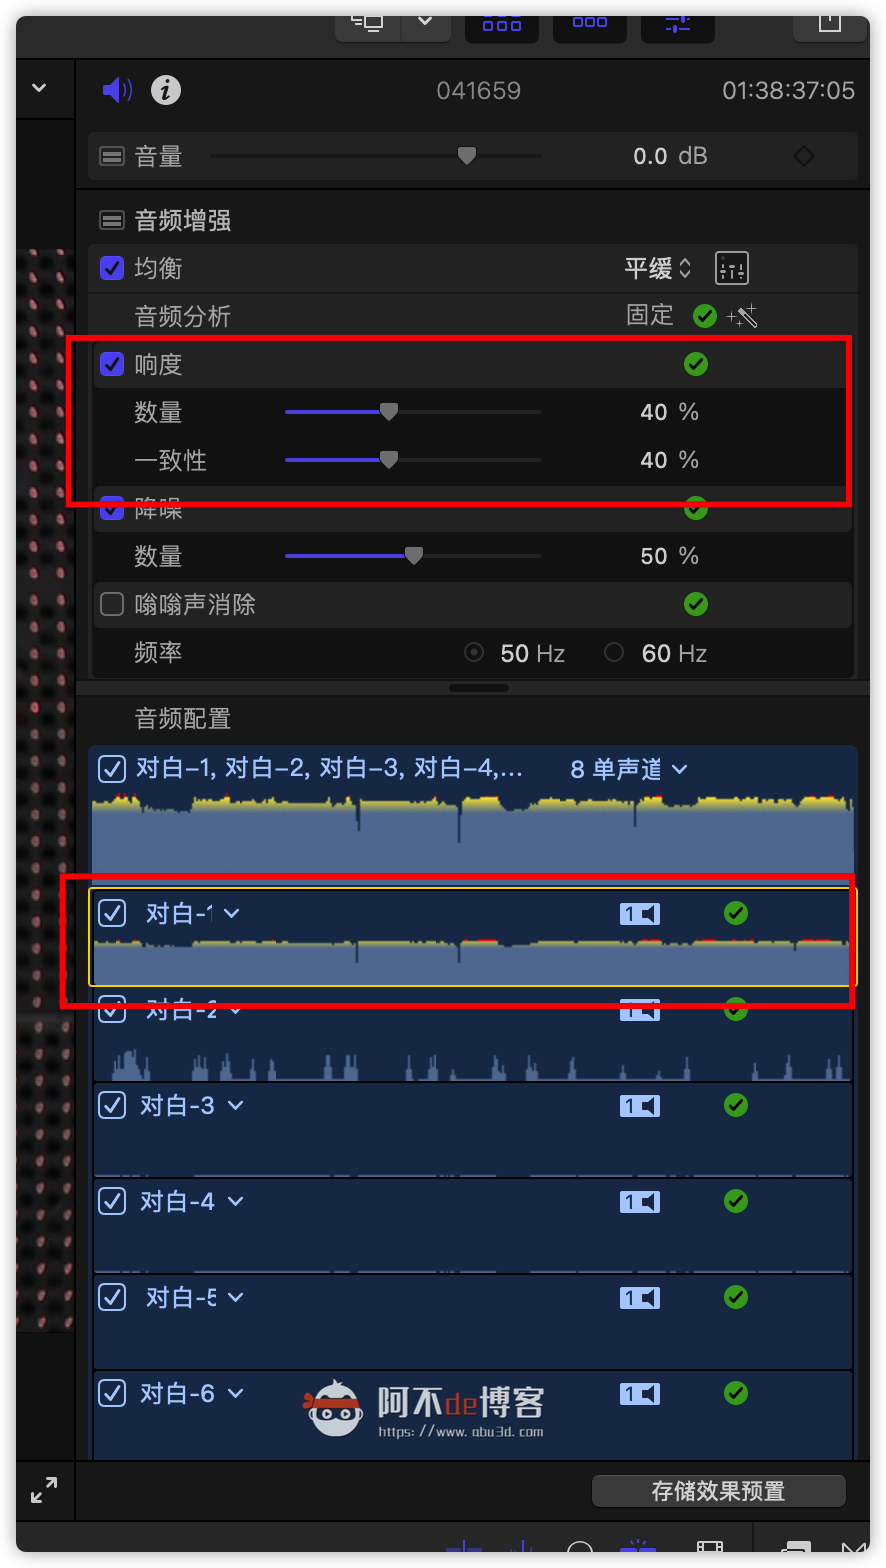 FCPX教程-剪辑过程中 让视频声音批量统一音量!一招搞定!插图2